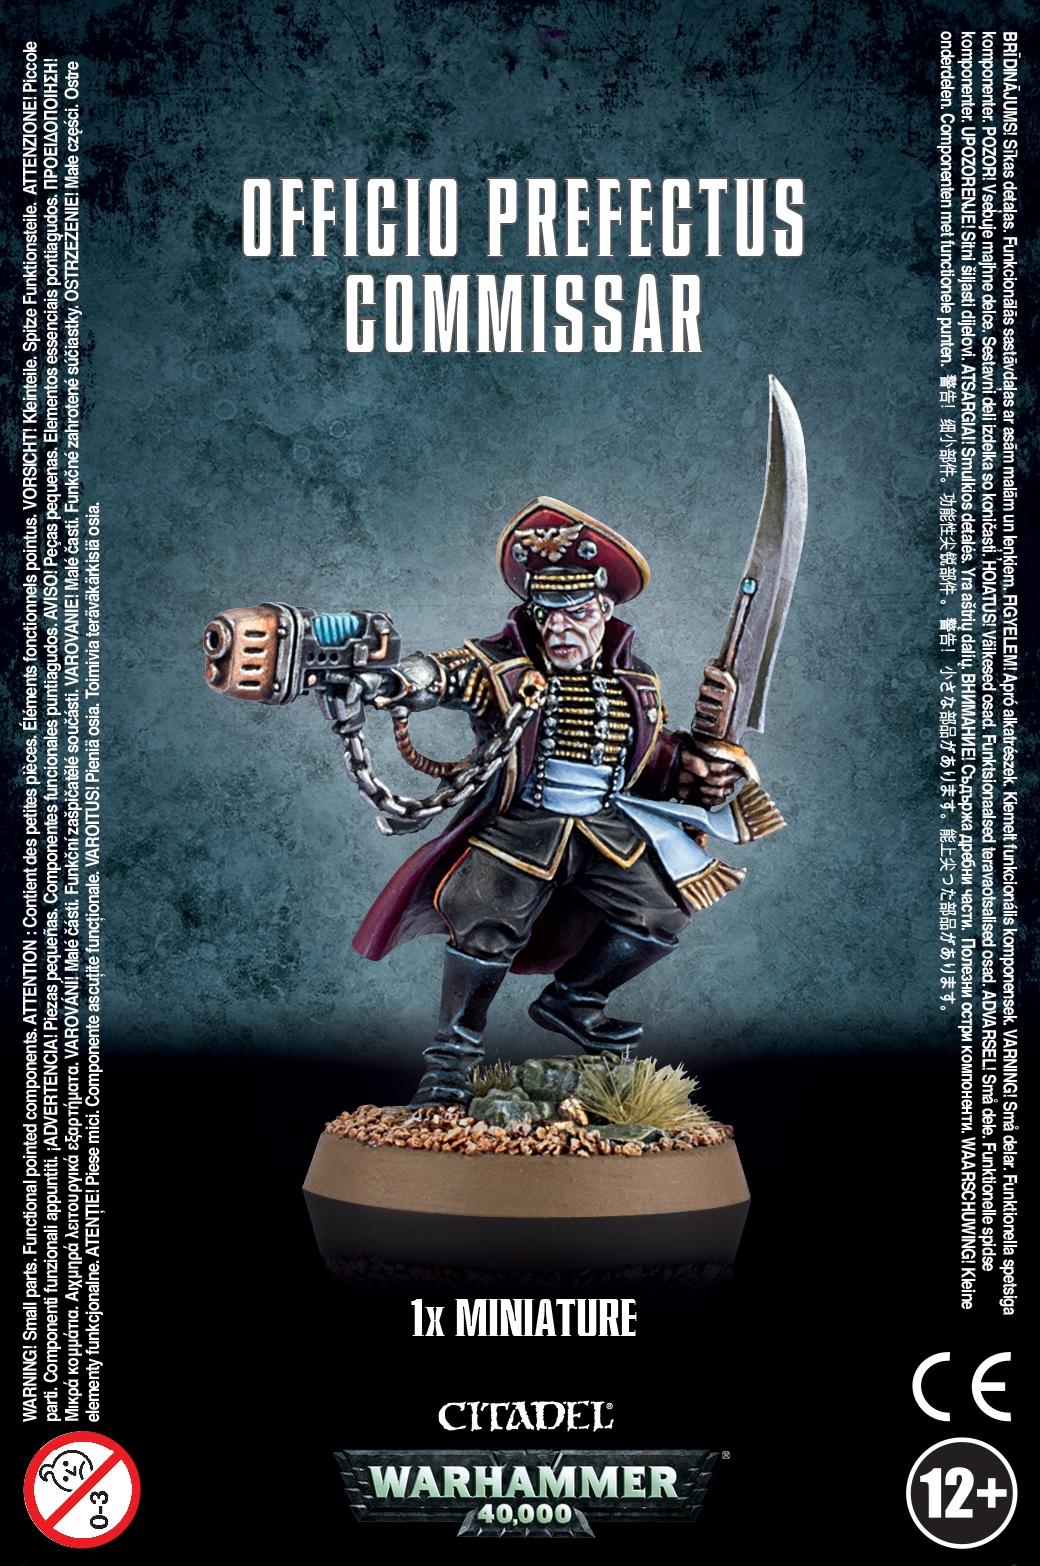 Astra Militarum Officio Prefectus Commissar Games Workshop 5011921997640